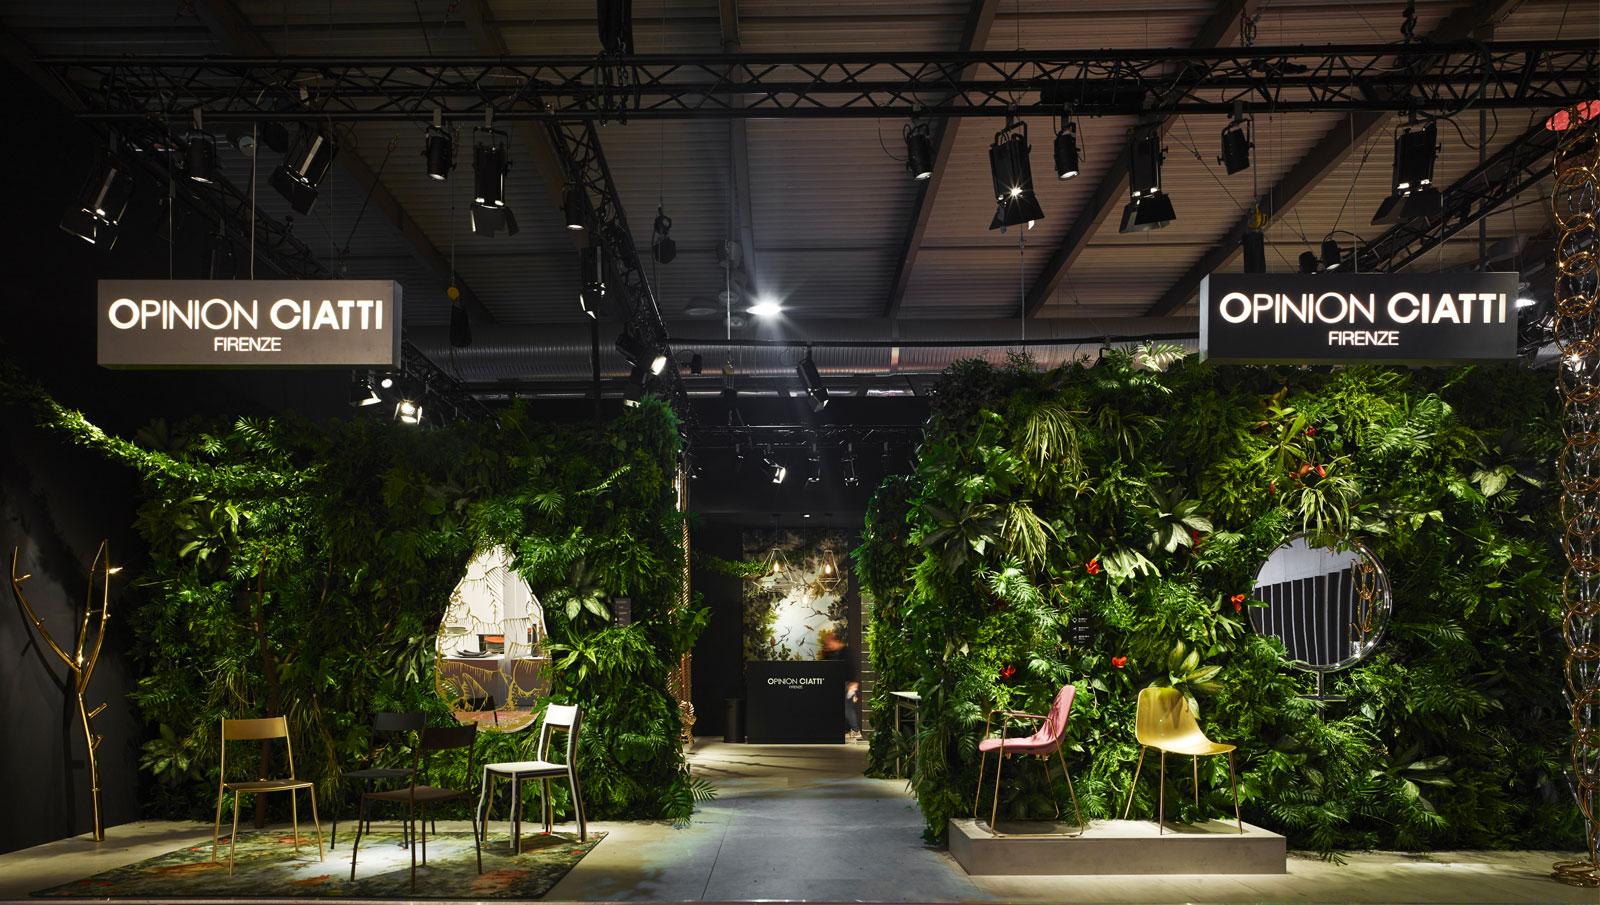 Opinion Ciatti en el Salone Internazionale del Mobile 2019